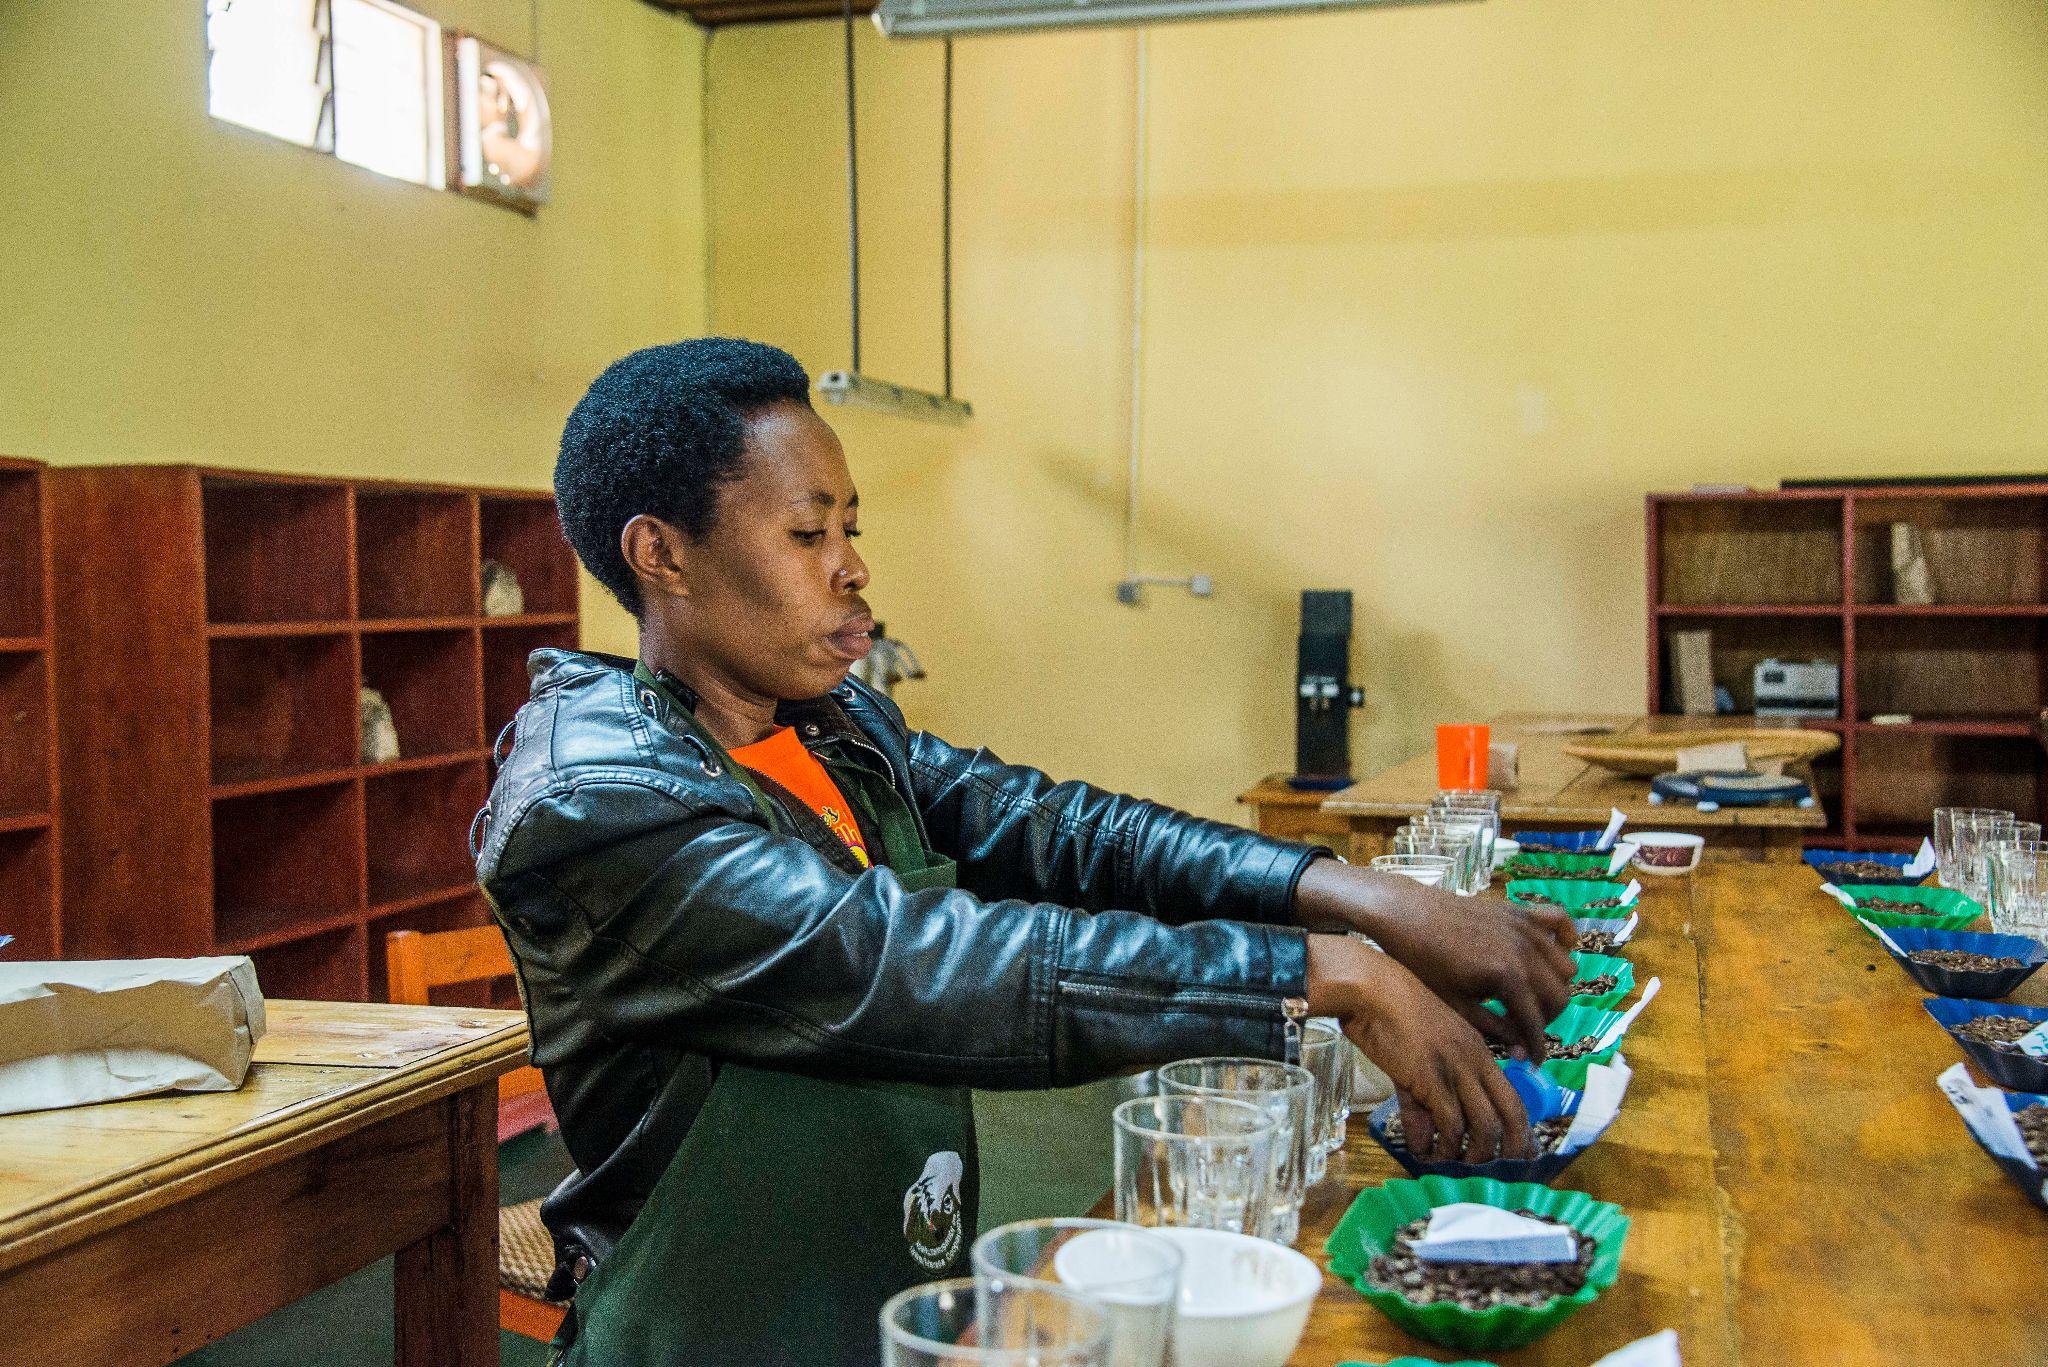 Kaffee Kooperative Um9L0OwxfHY XFi5Ksv9psY46mIgSTyZZbwVekuj896l4al9w31eEc0kUJAuCE31O4jZr